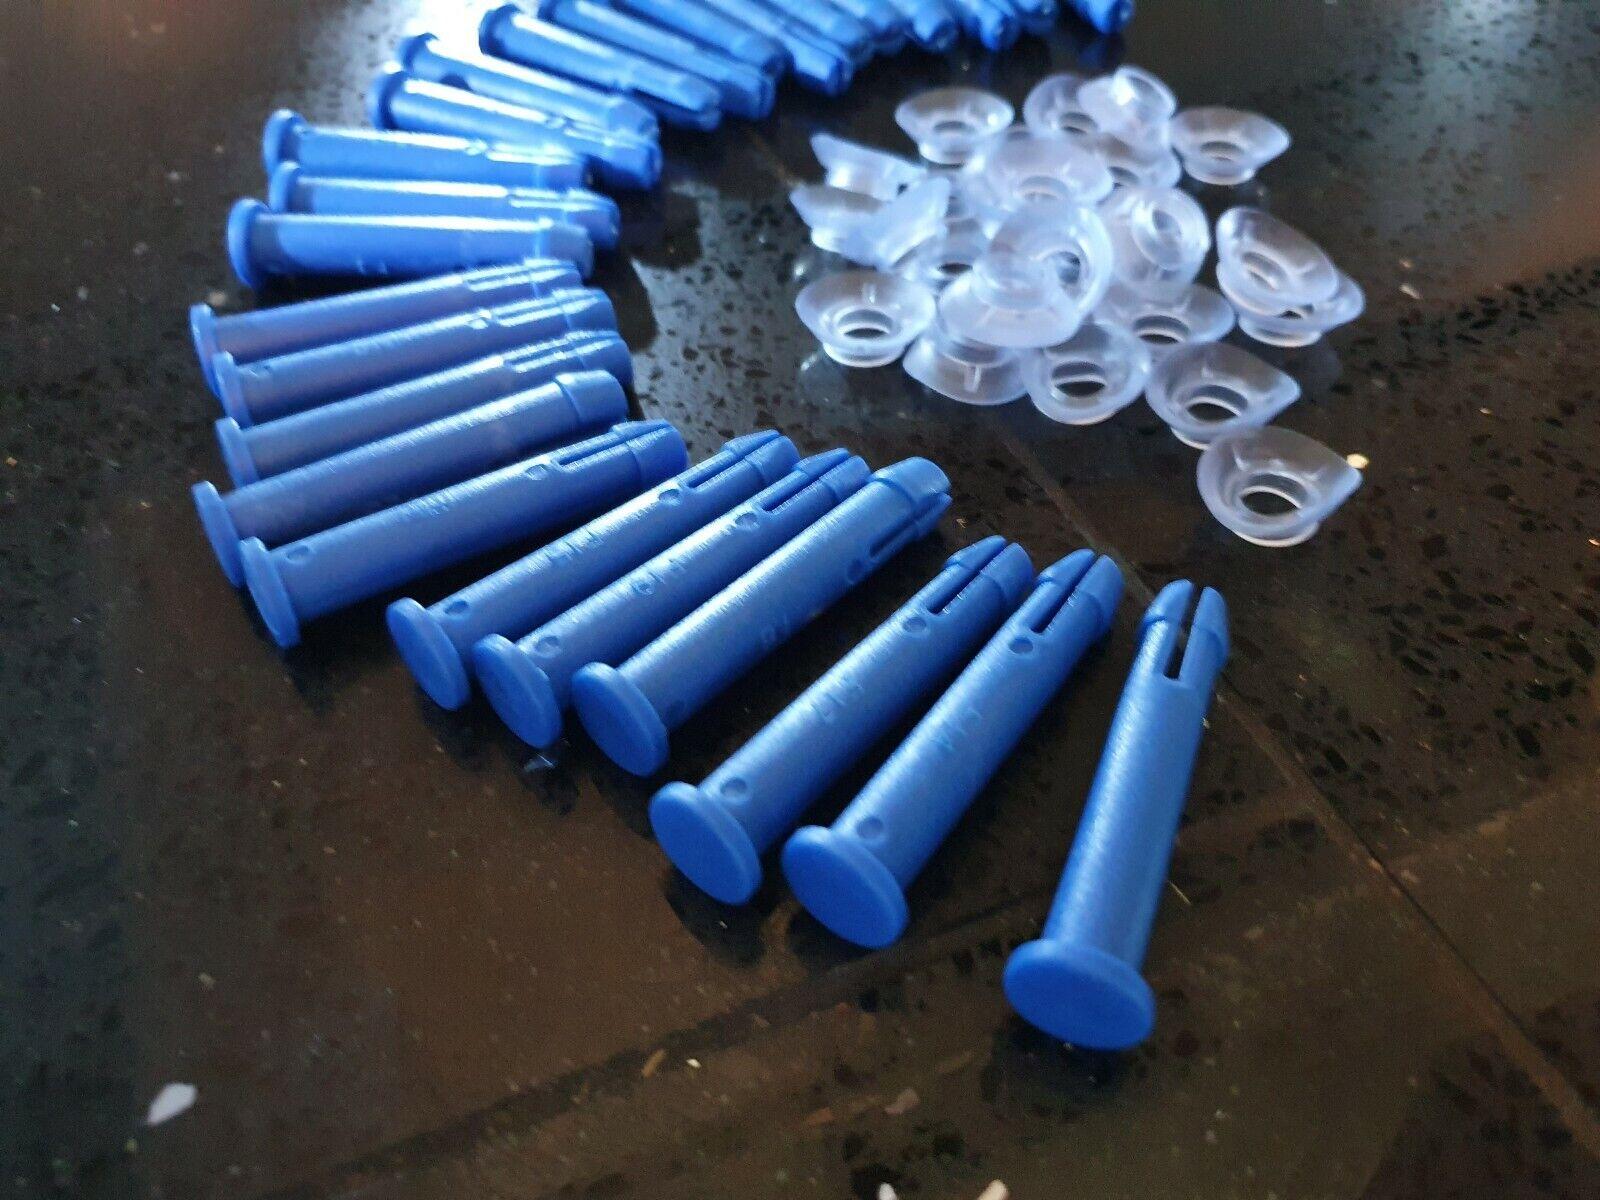 New Bestway Steel Pro Frame Pegs x6 Pins Pool Part 10ft 12ft * Genuine Item *